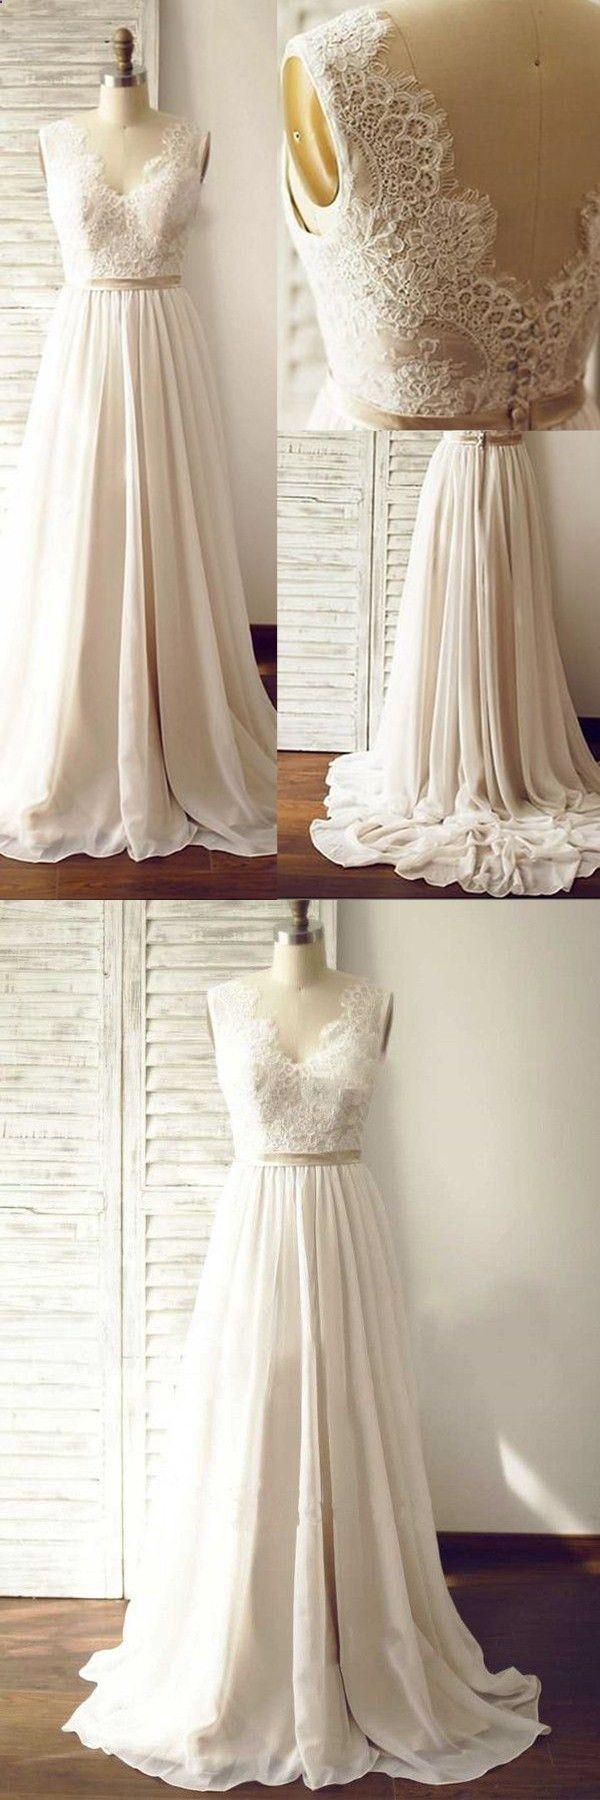 39 Günstige Einzigartige Brautkleider mit kleinem Budget  #brautkleider #budget…